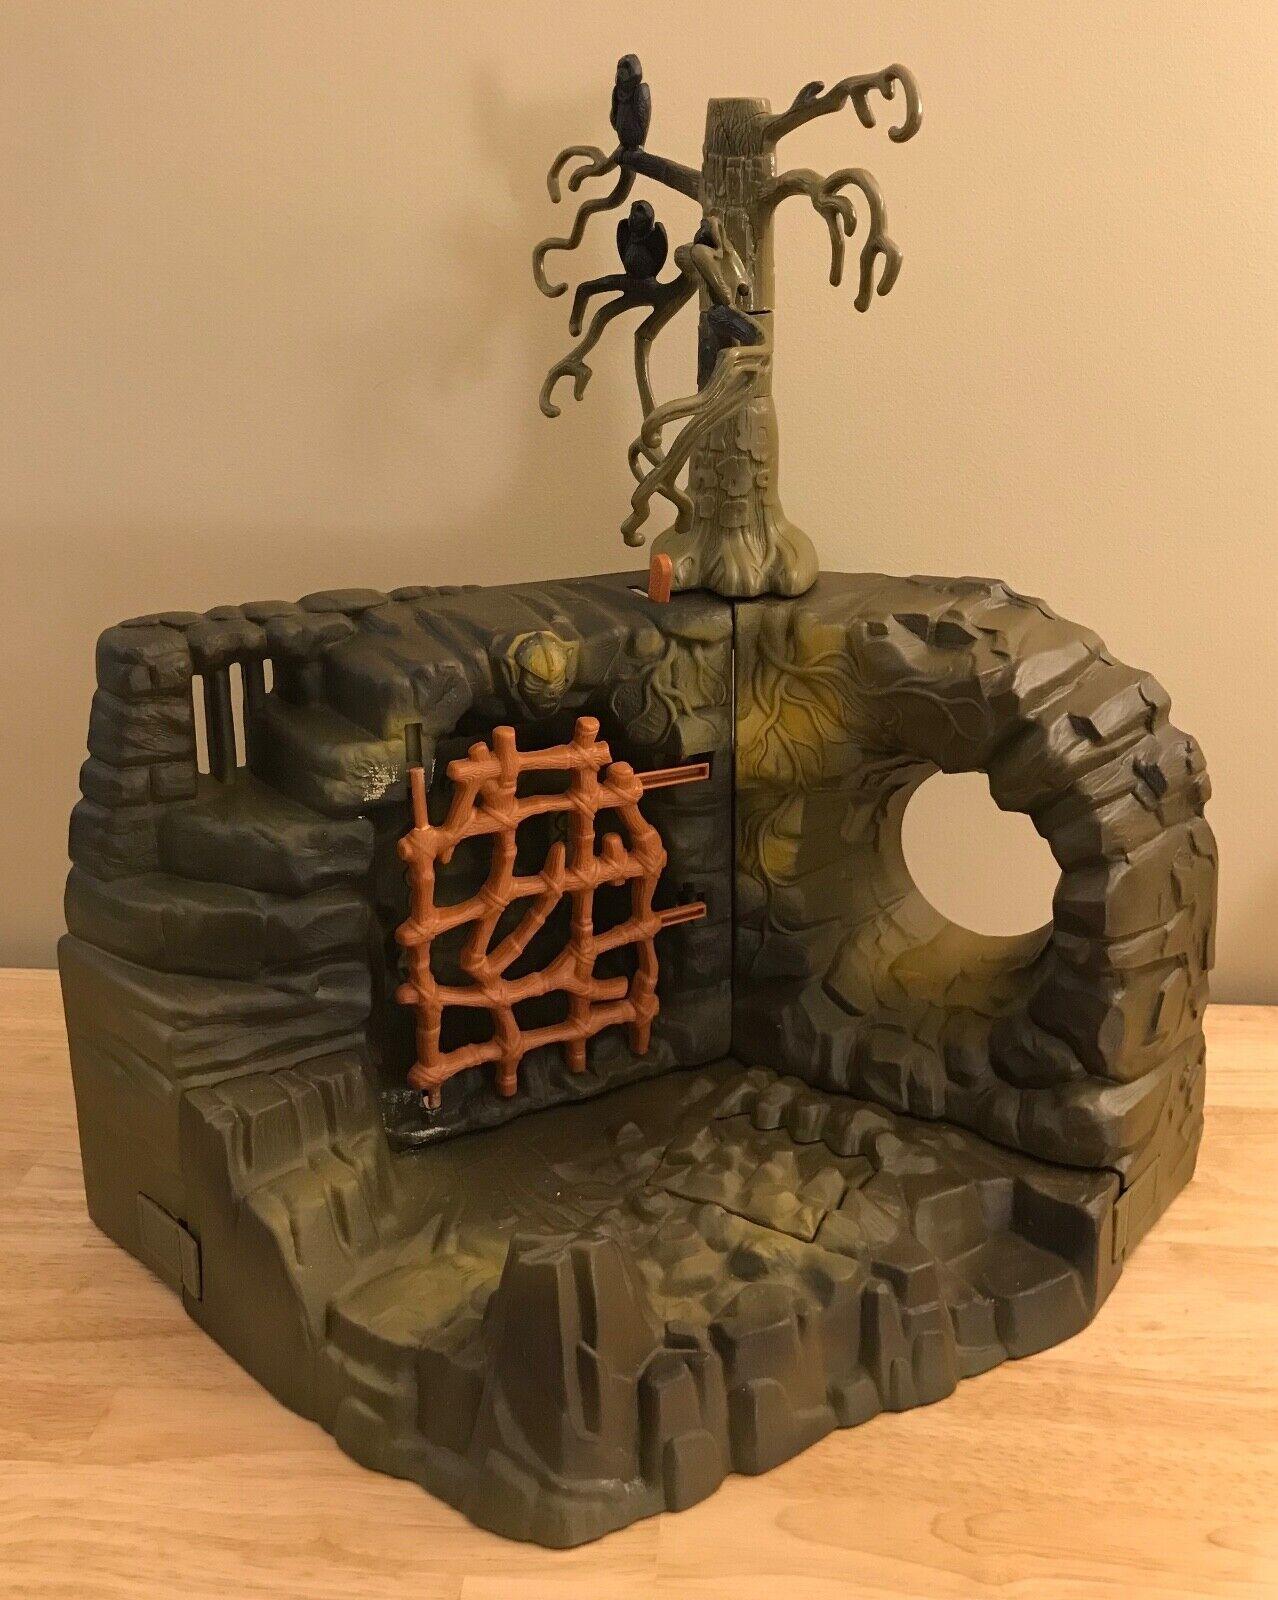 promociones emocionantes Vintage He-man Fright Zone Conjunto de Juego-Amos del universo universo universo Halloween Aterrador Mal Lote con árboles  comprar marca